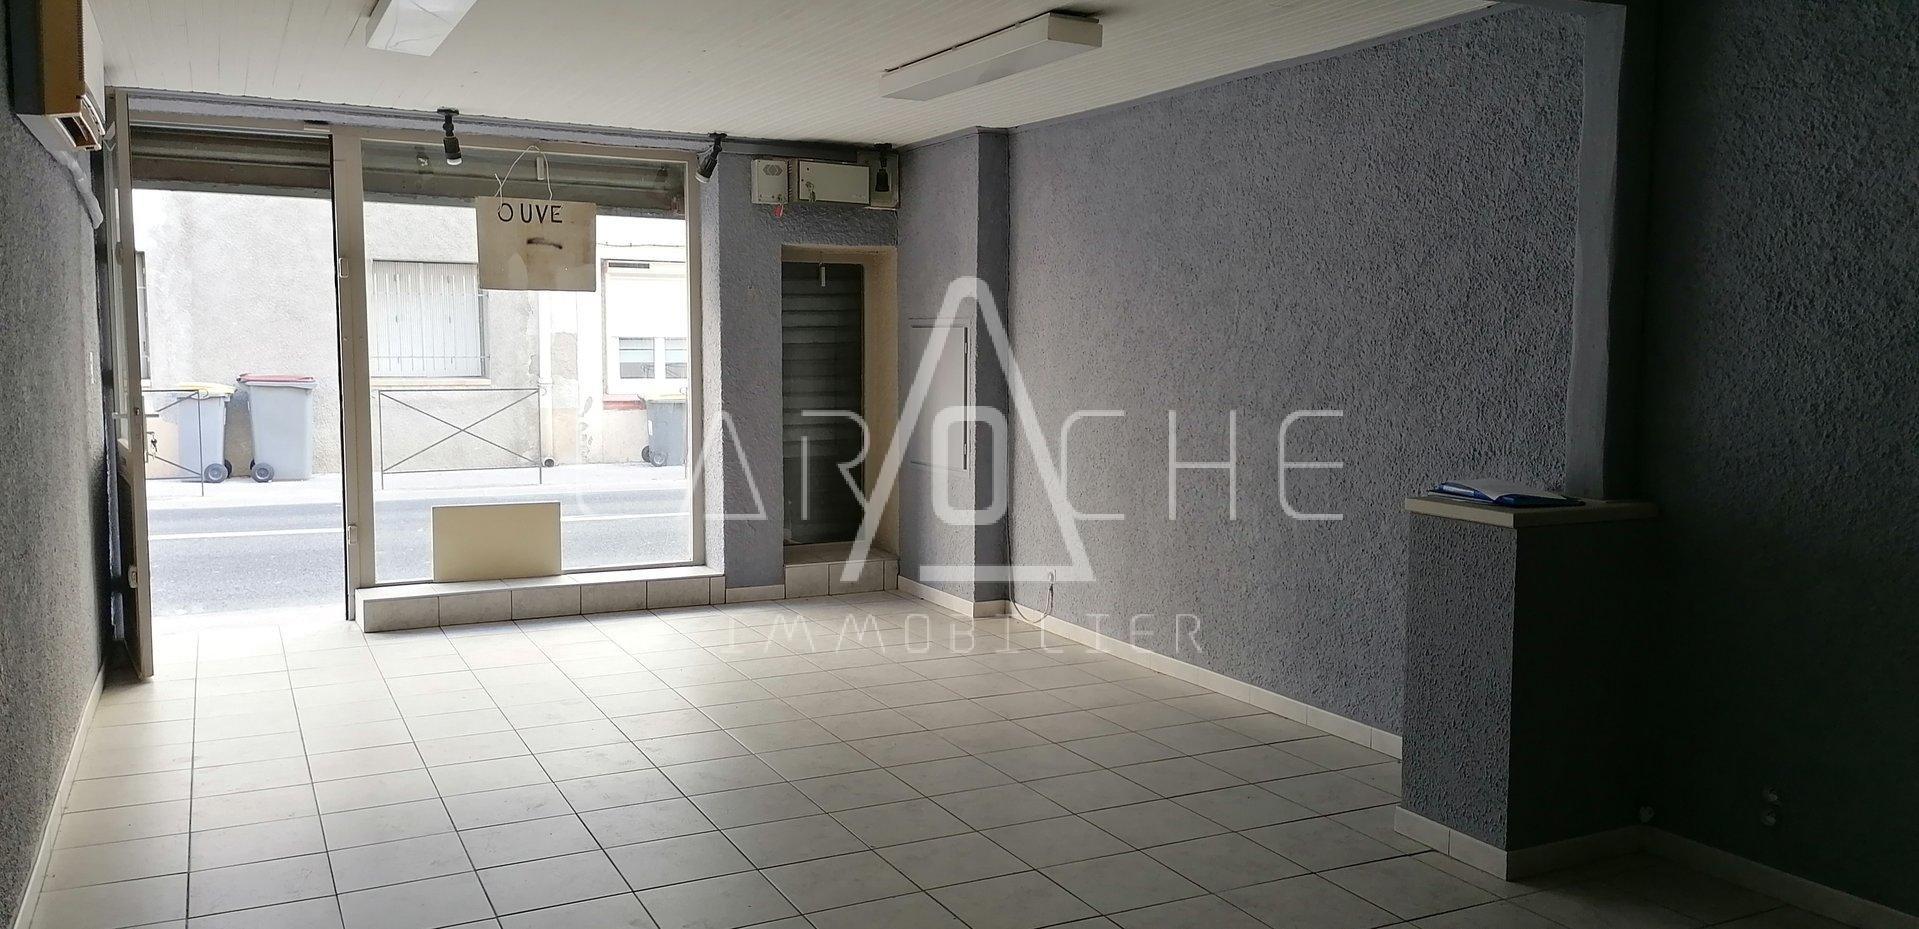 LOCAL COMMERCIAL - 67 m² - ELNE